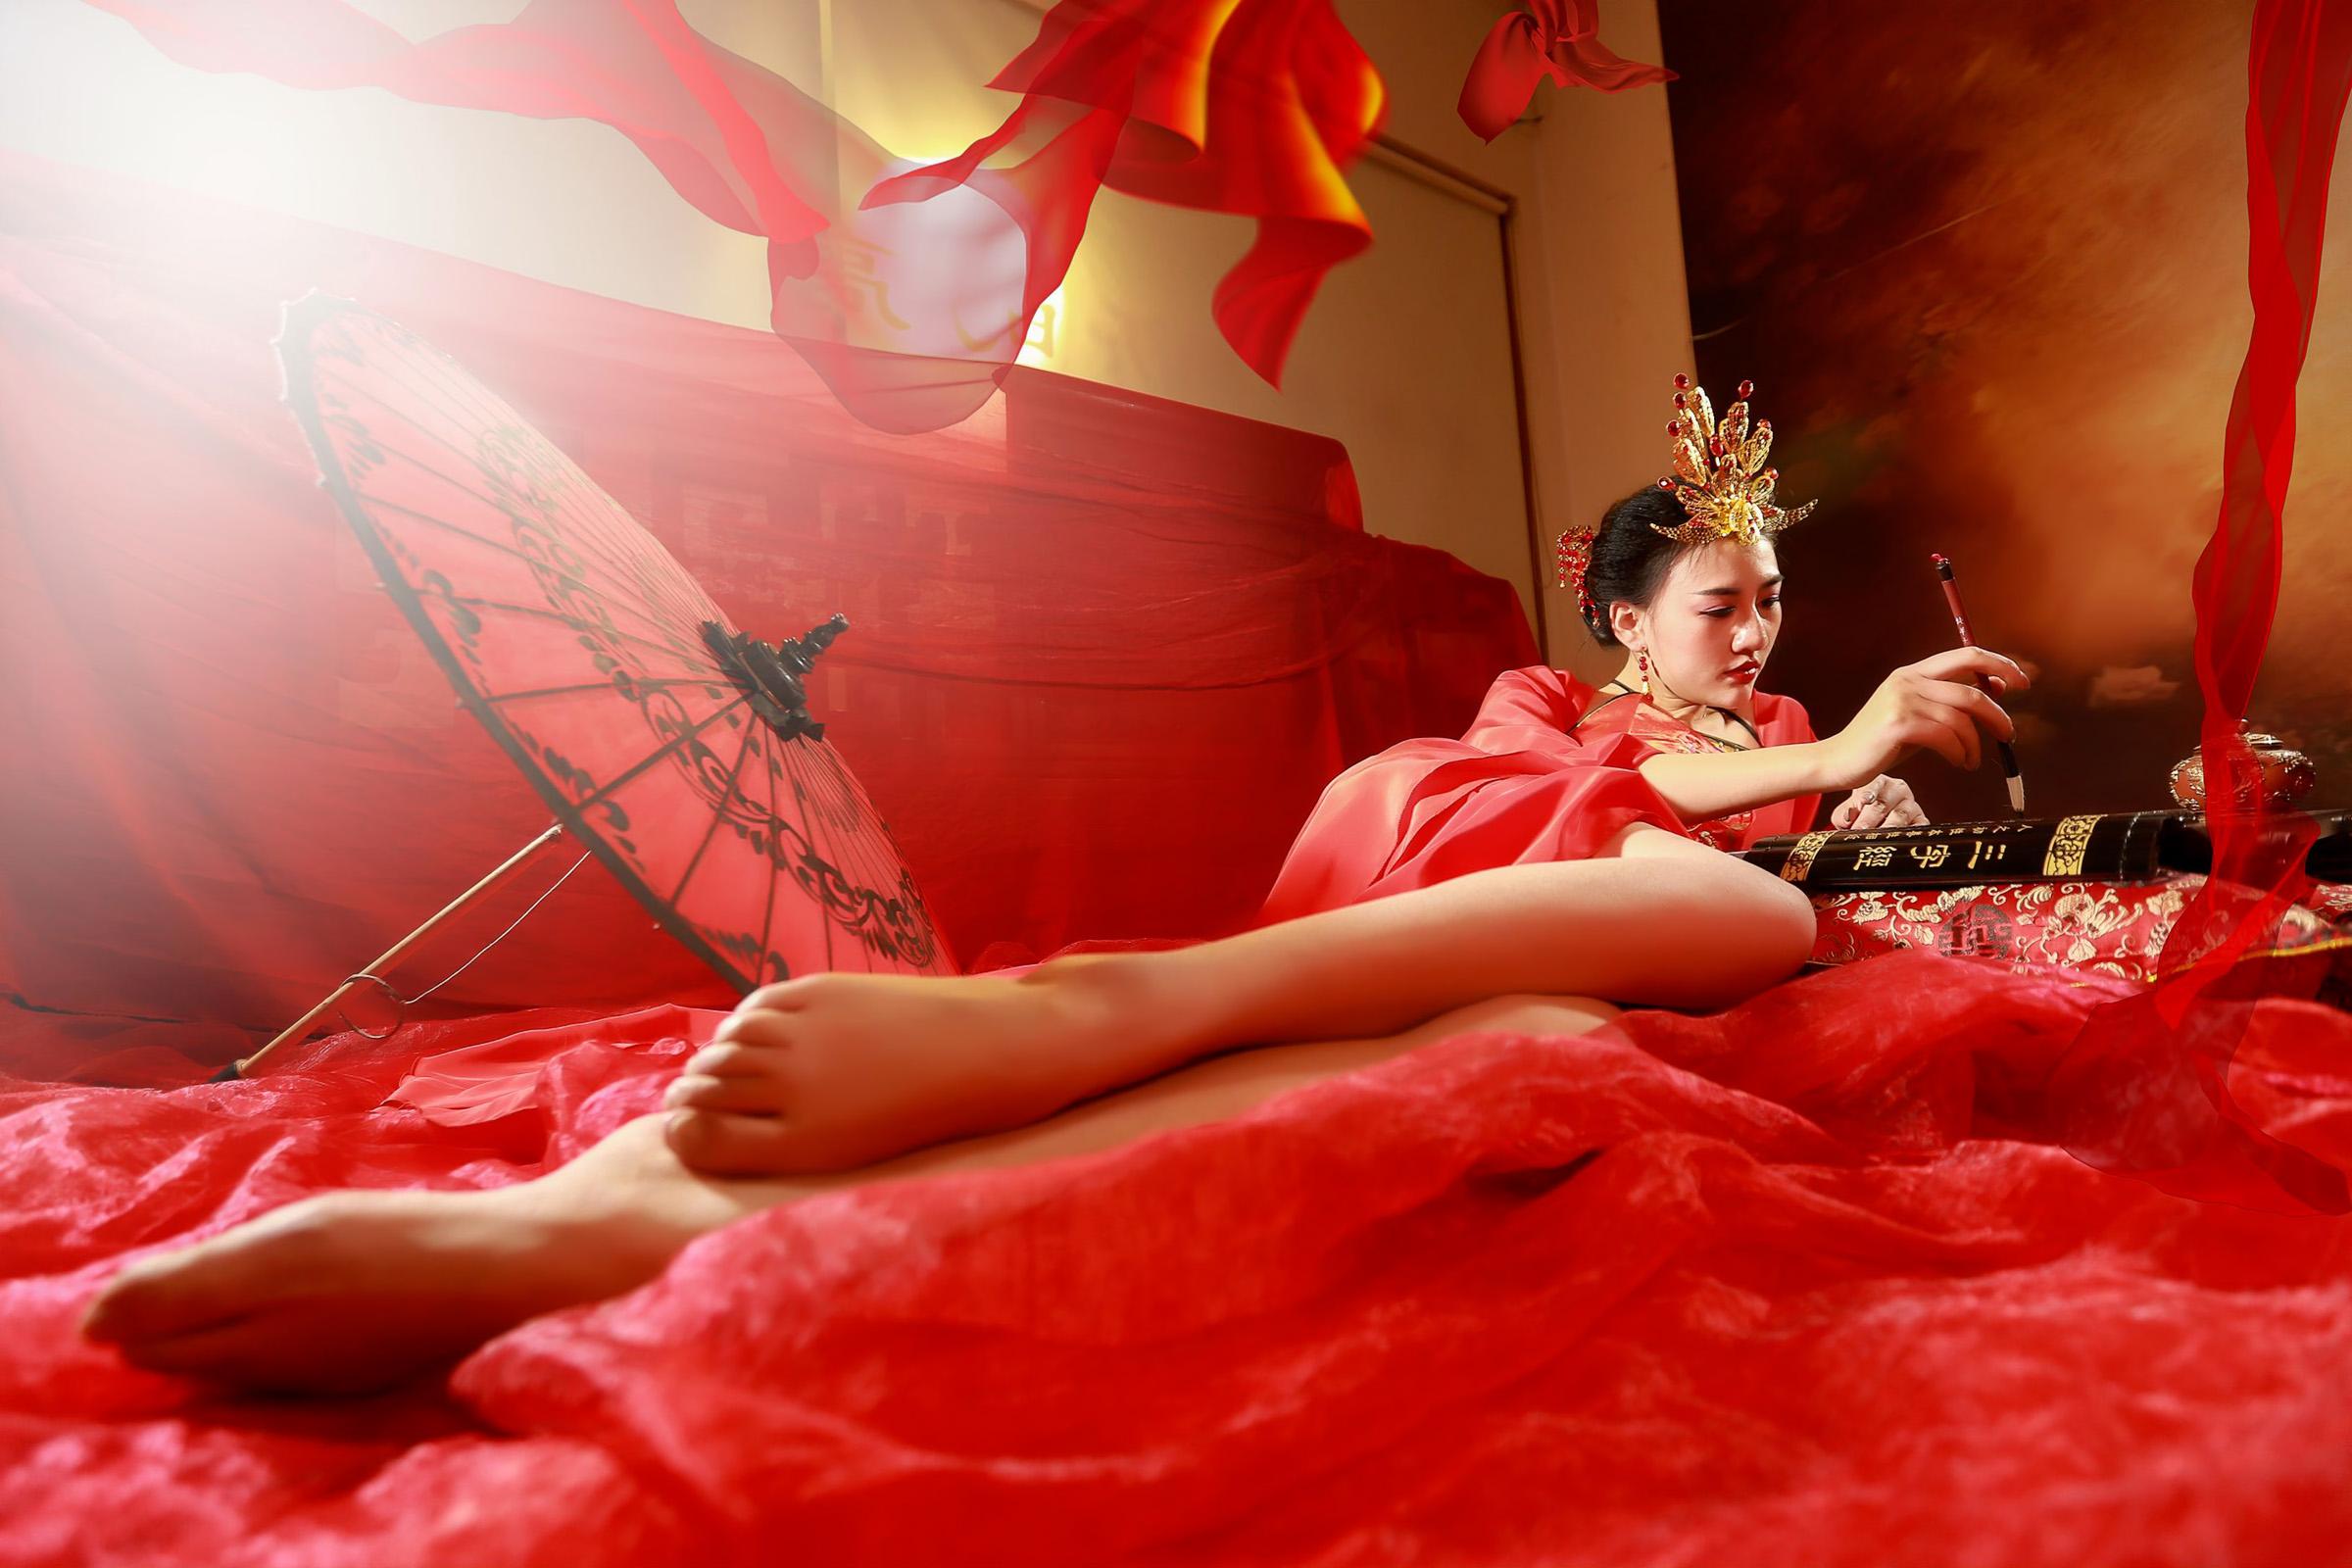 中国红-1 - 花開有聲 - 花開有聲